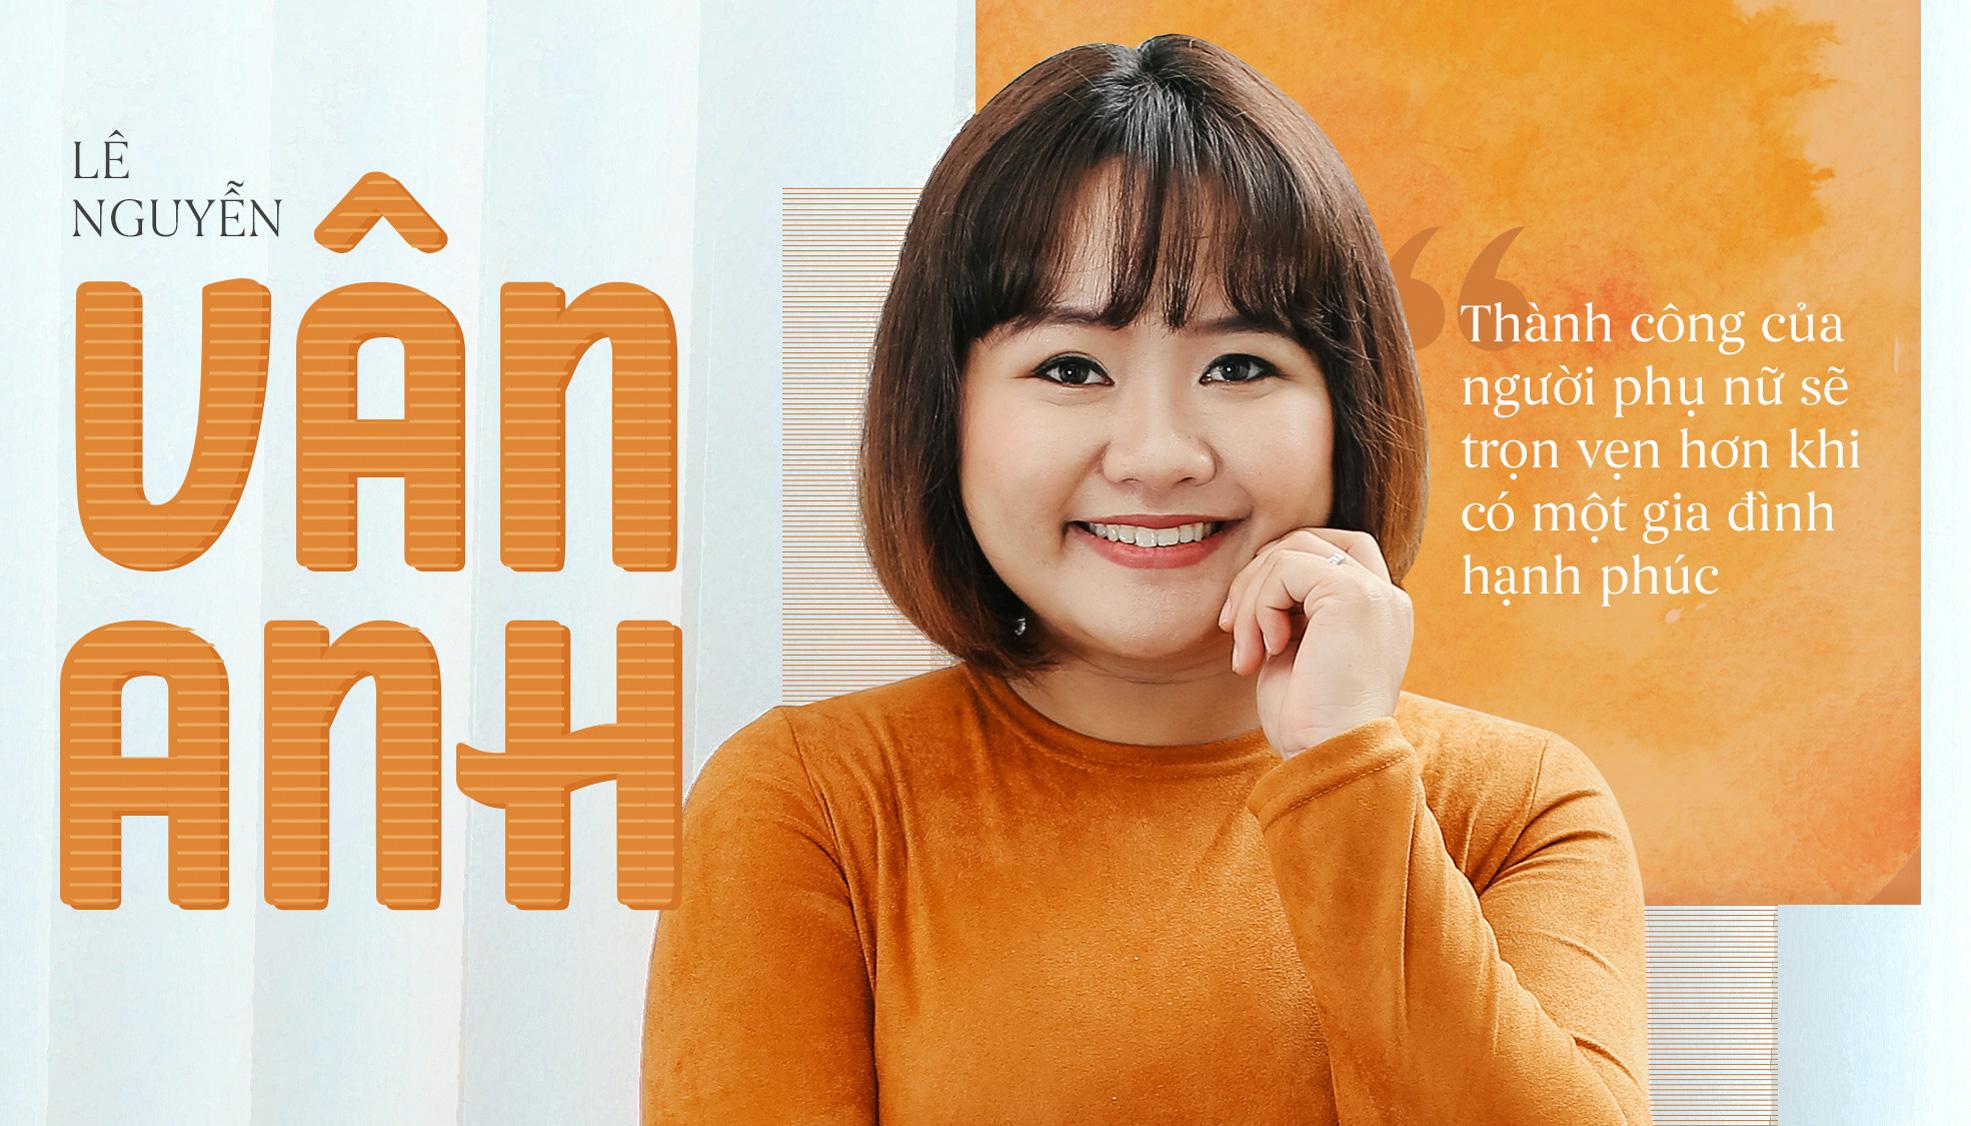 Lê Nguyễn Vân Anh - Từ Cô Bé Nhút Nhát Trở Thành Tiến Sĩ Ngoại Giao Năm 26 Tuổi